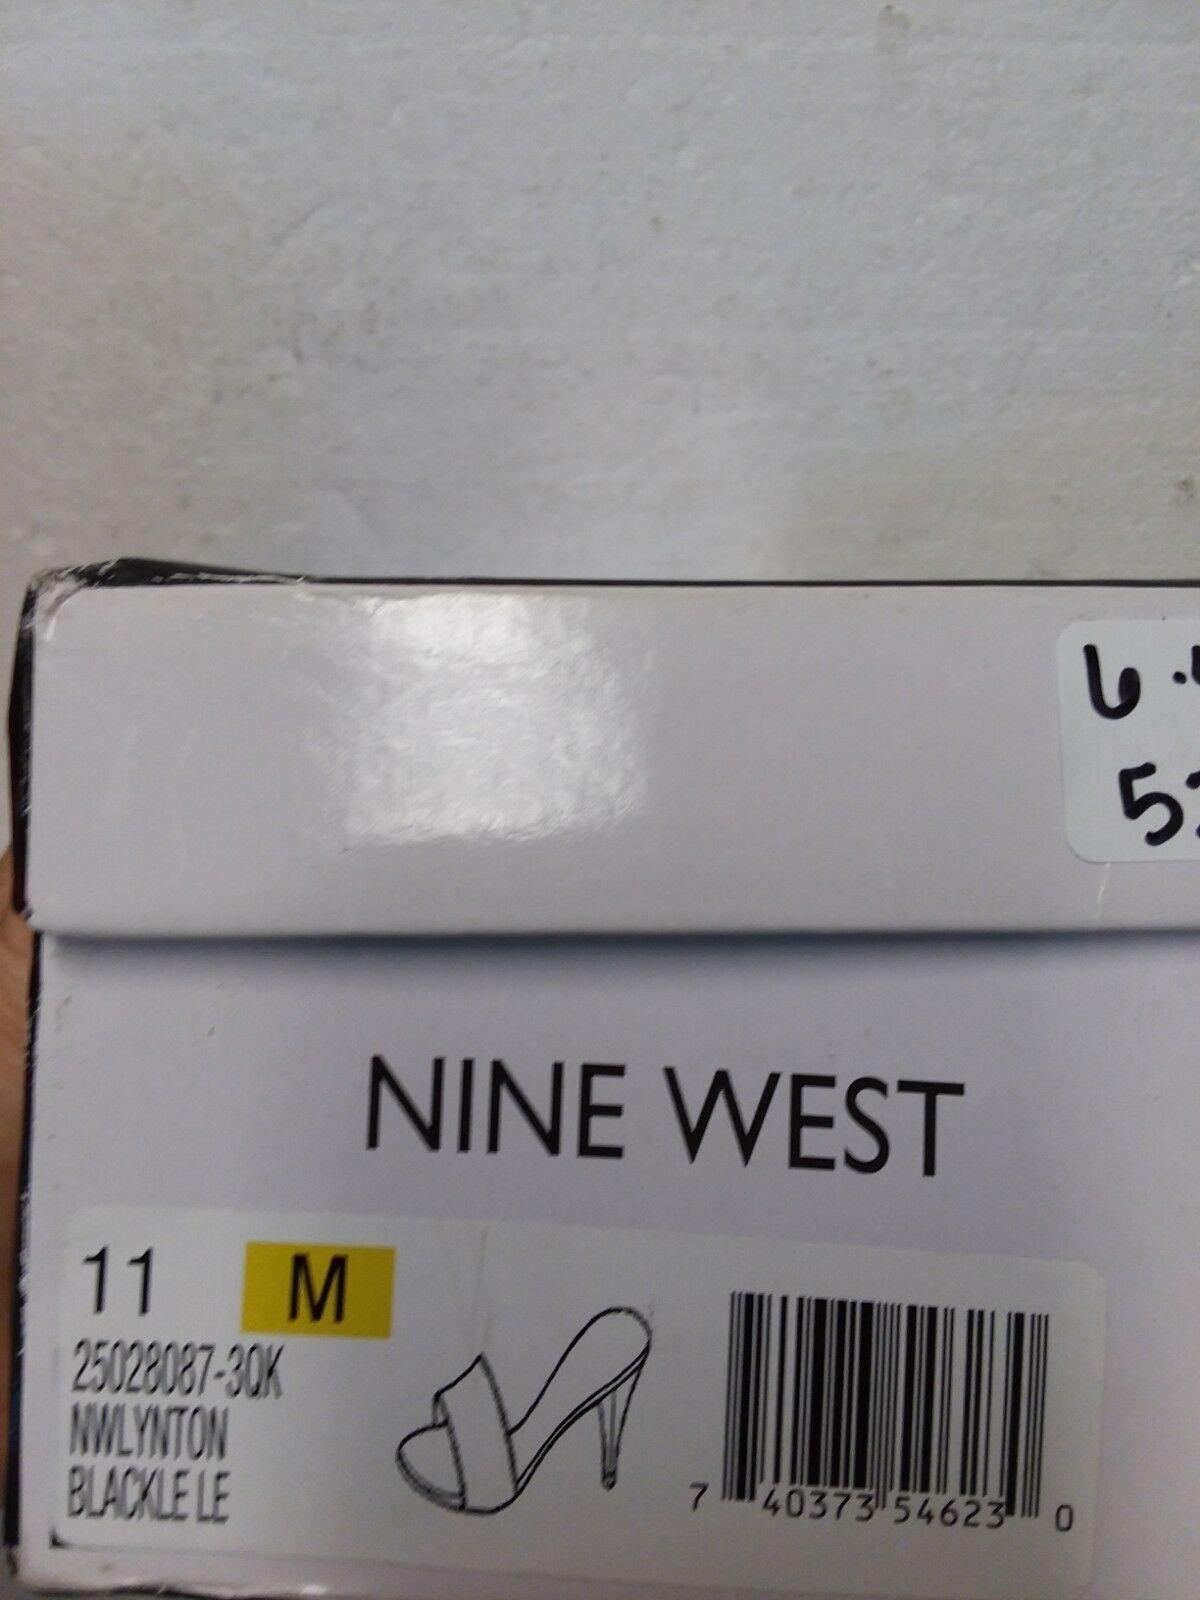 Nine West Lynton Slide Dress Sandals, Black, 11 US